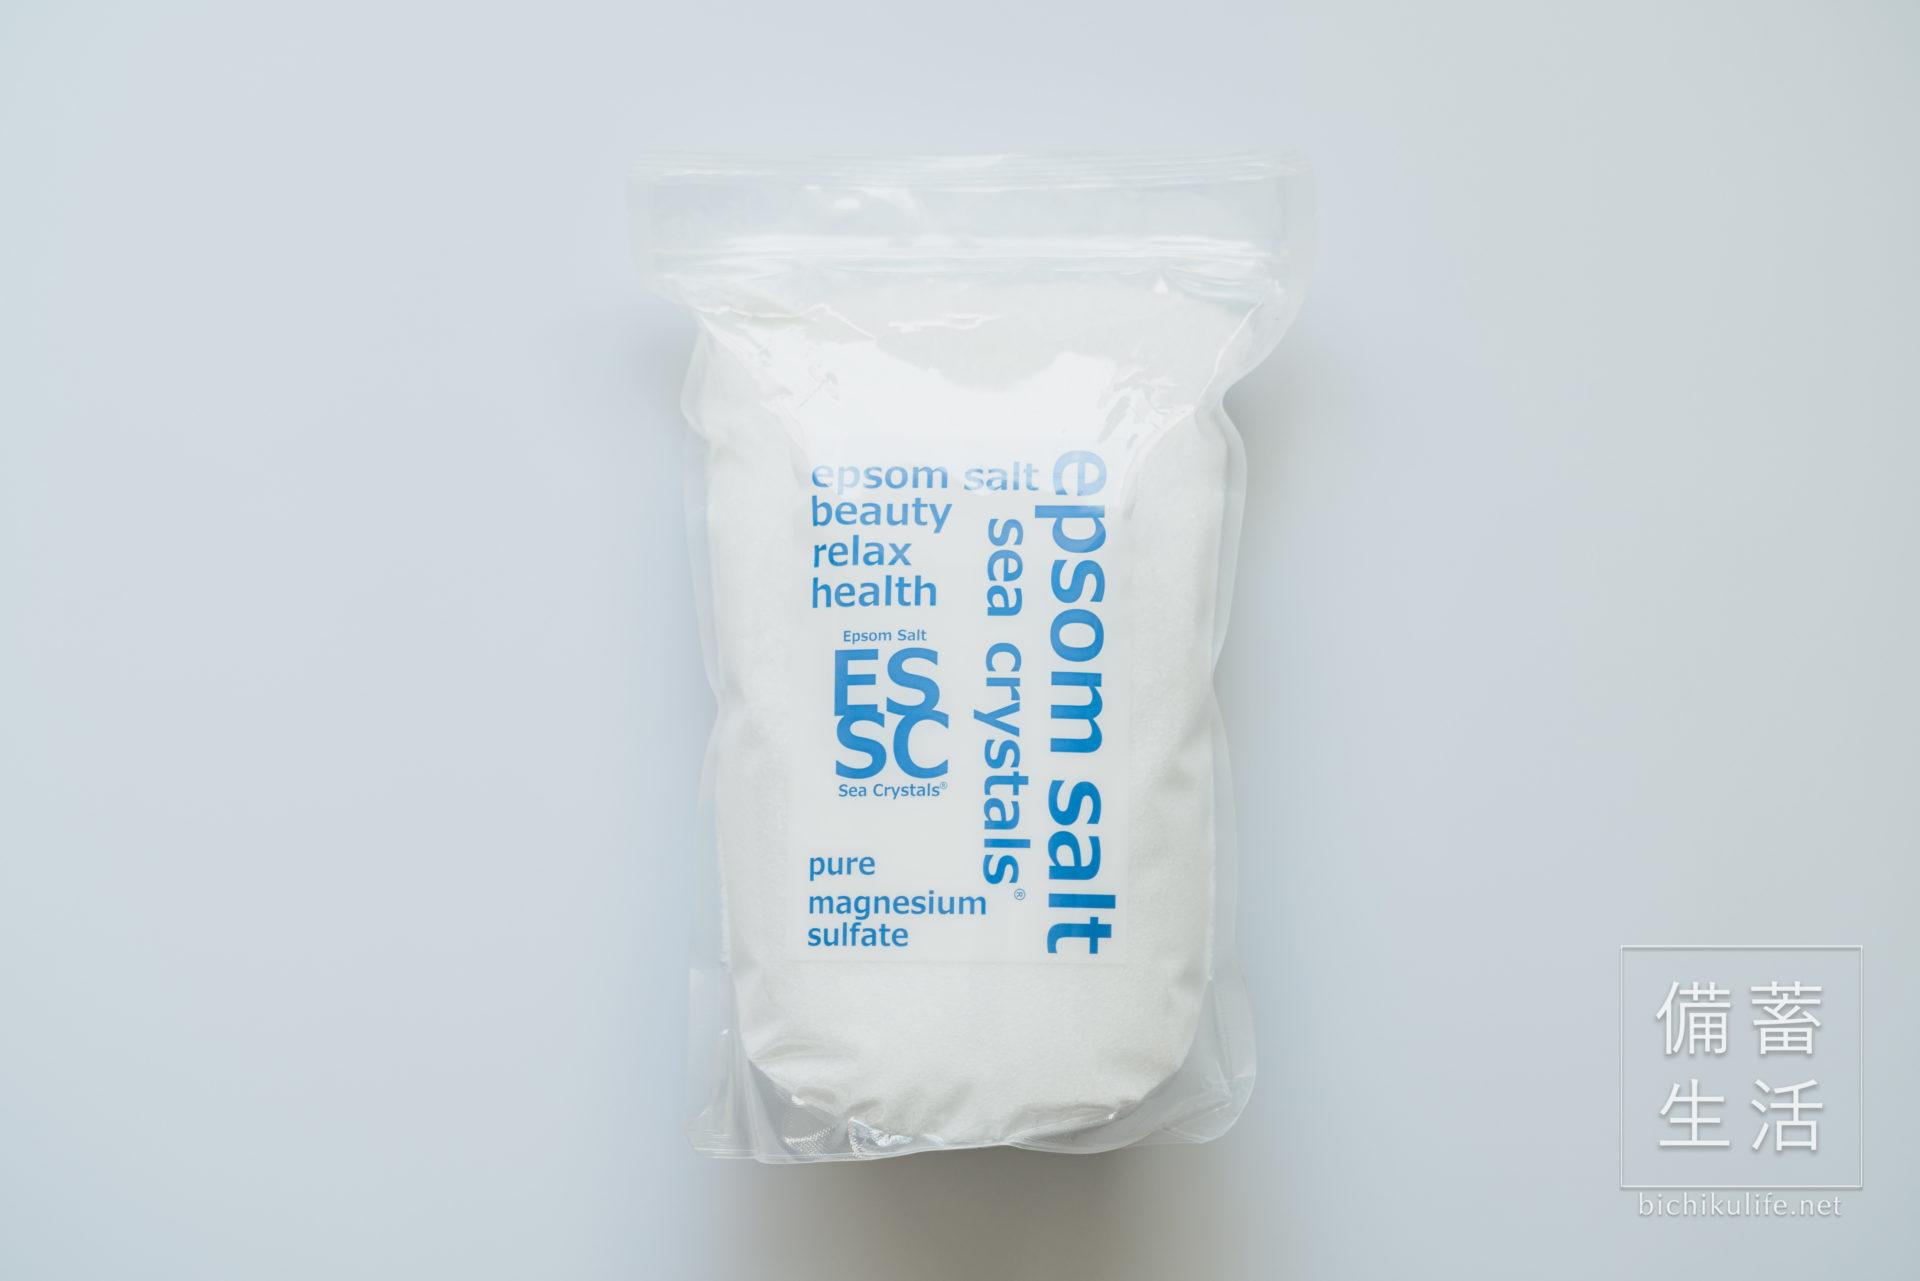 シークリスタルスのエプソムソルト、硫酸マグネシウム入浴剤